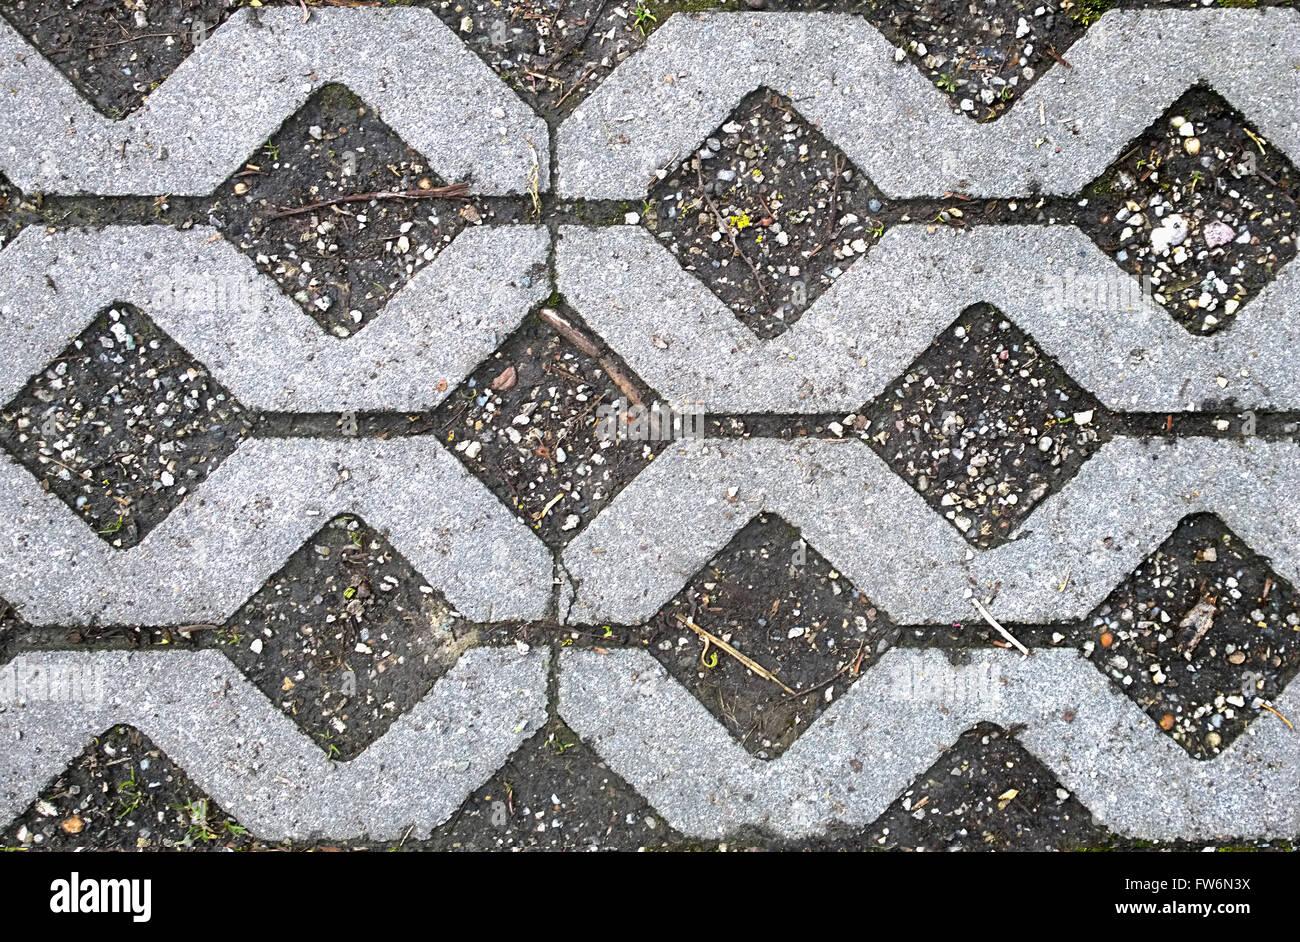 Hd texture seamless giardino blocco di pietra pavimentazione con